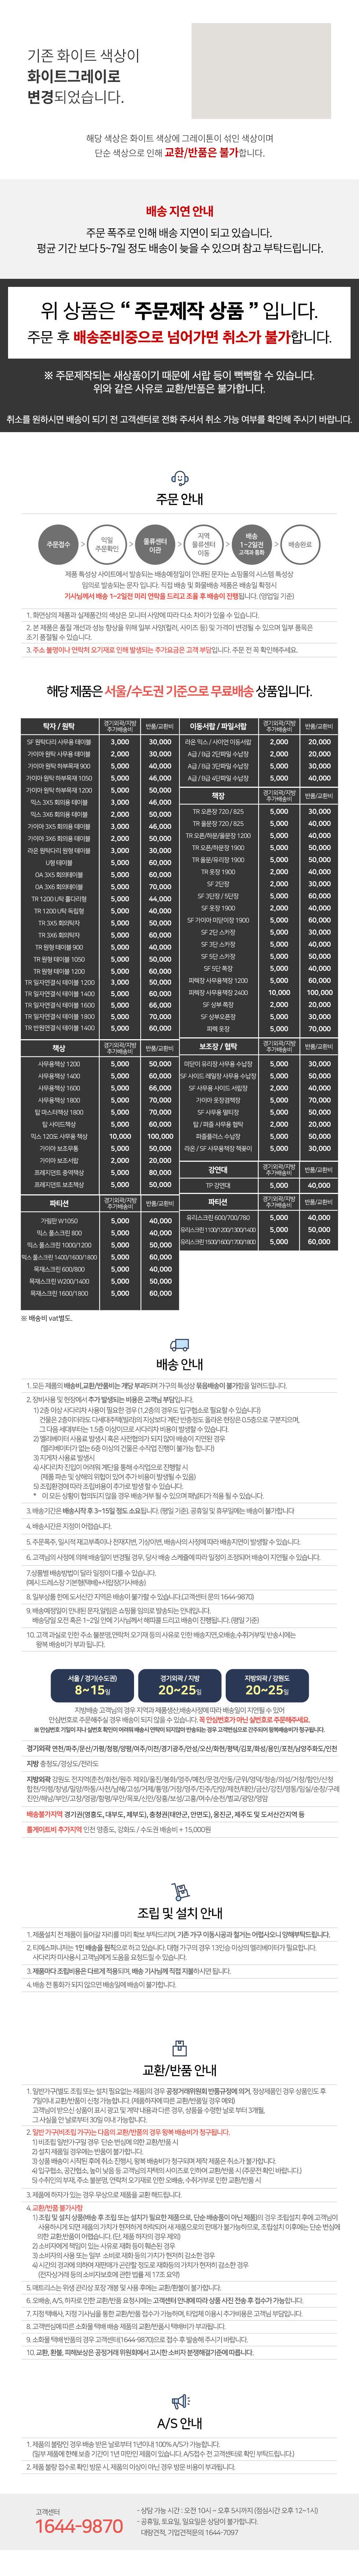 사이언 일반키 3단이동서랍 - 티에스퍼니처, 252,700원, 가구, 옷장/수납장